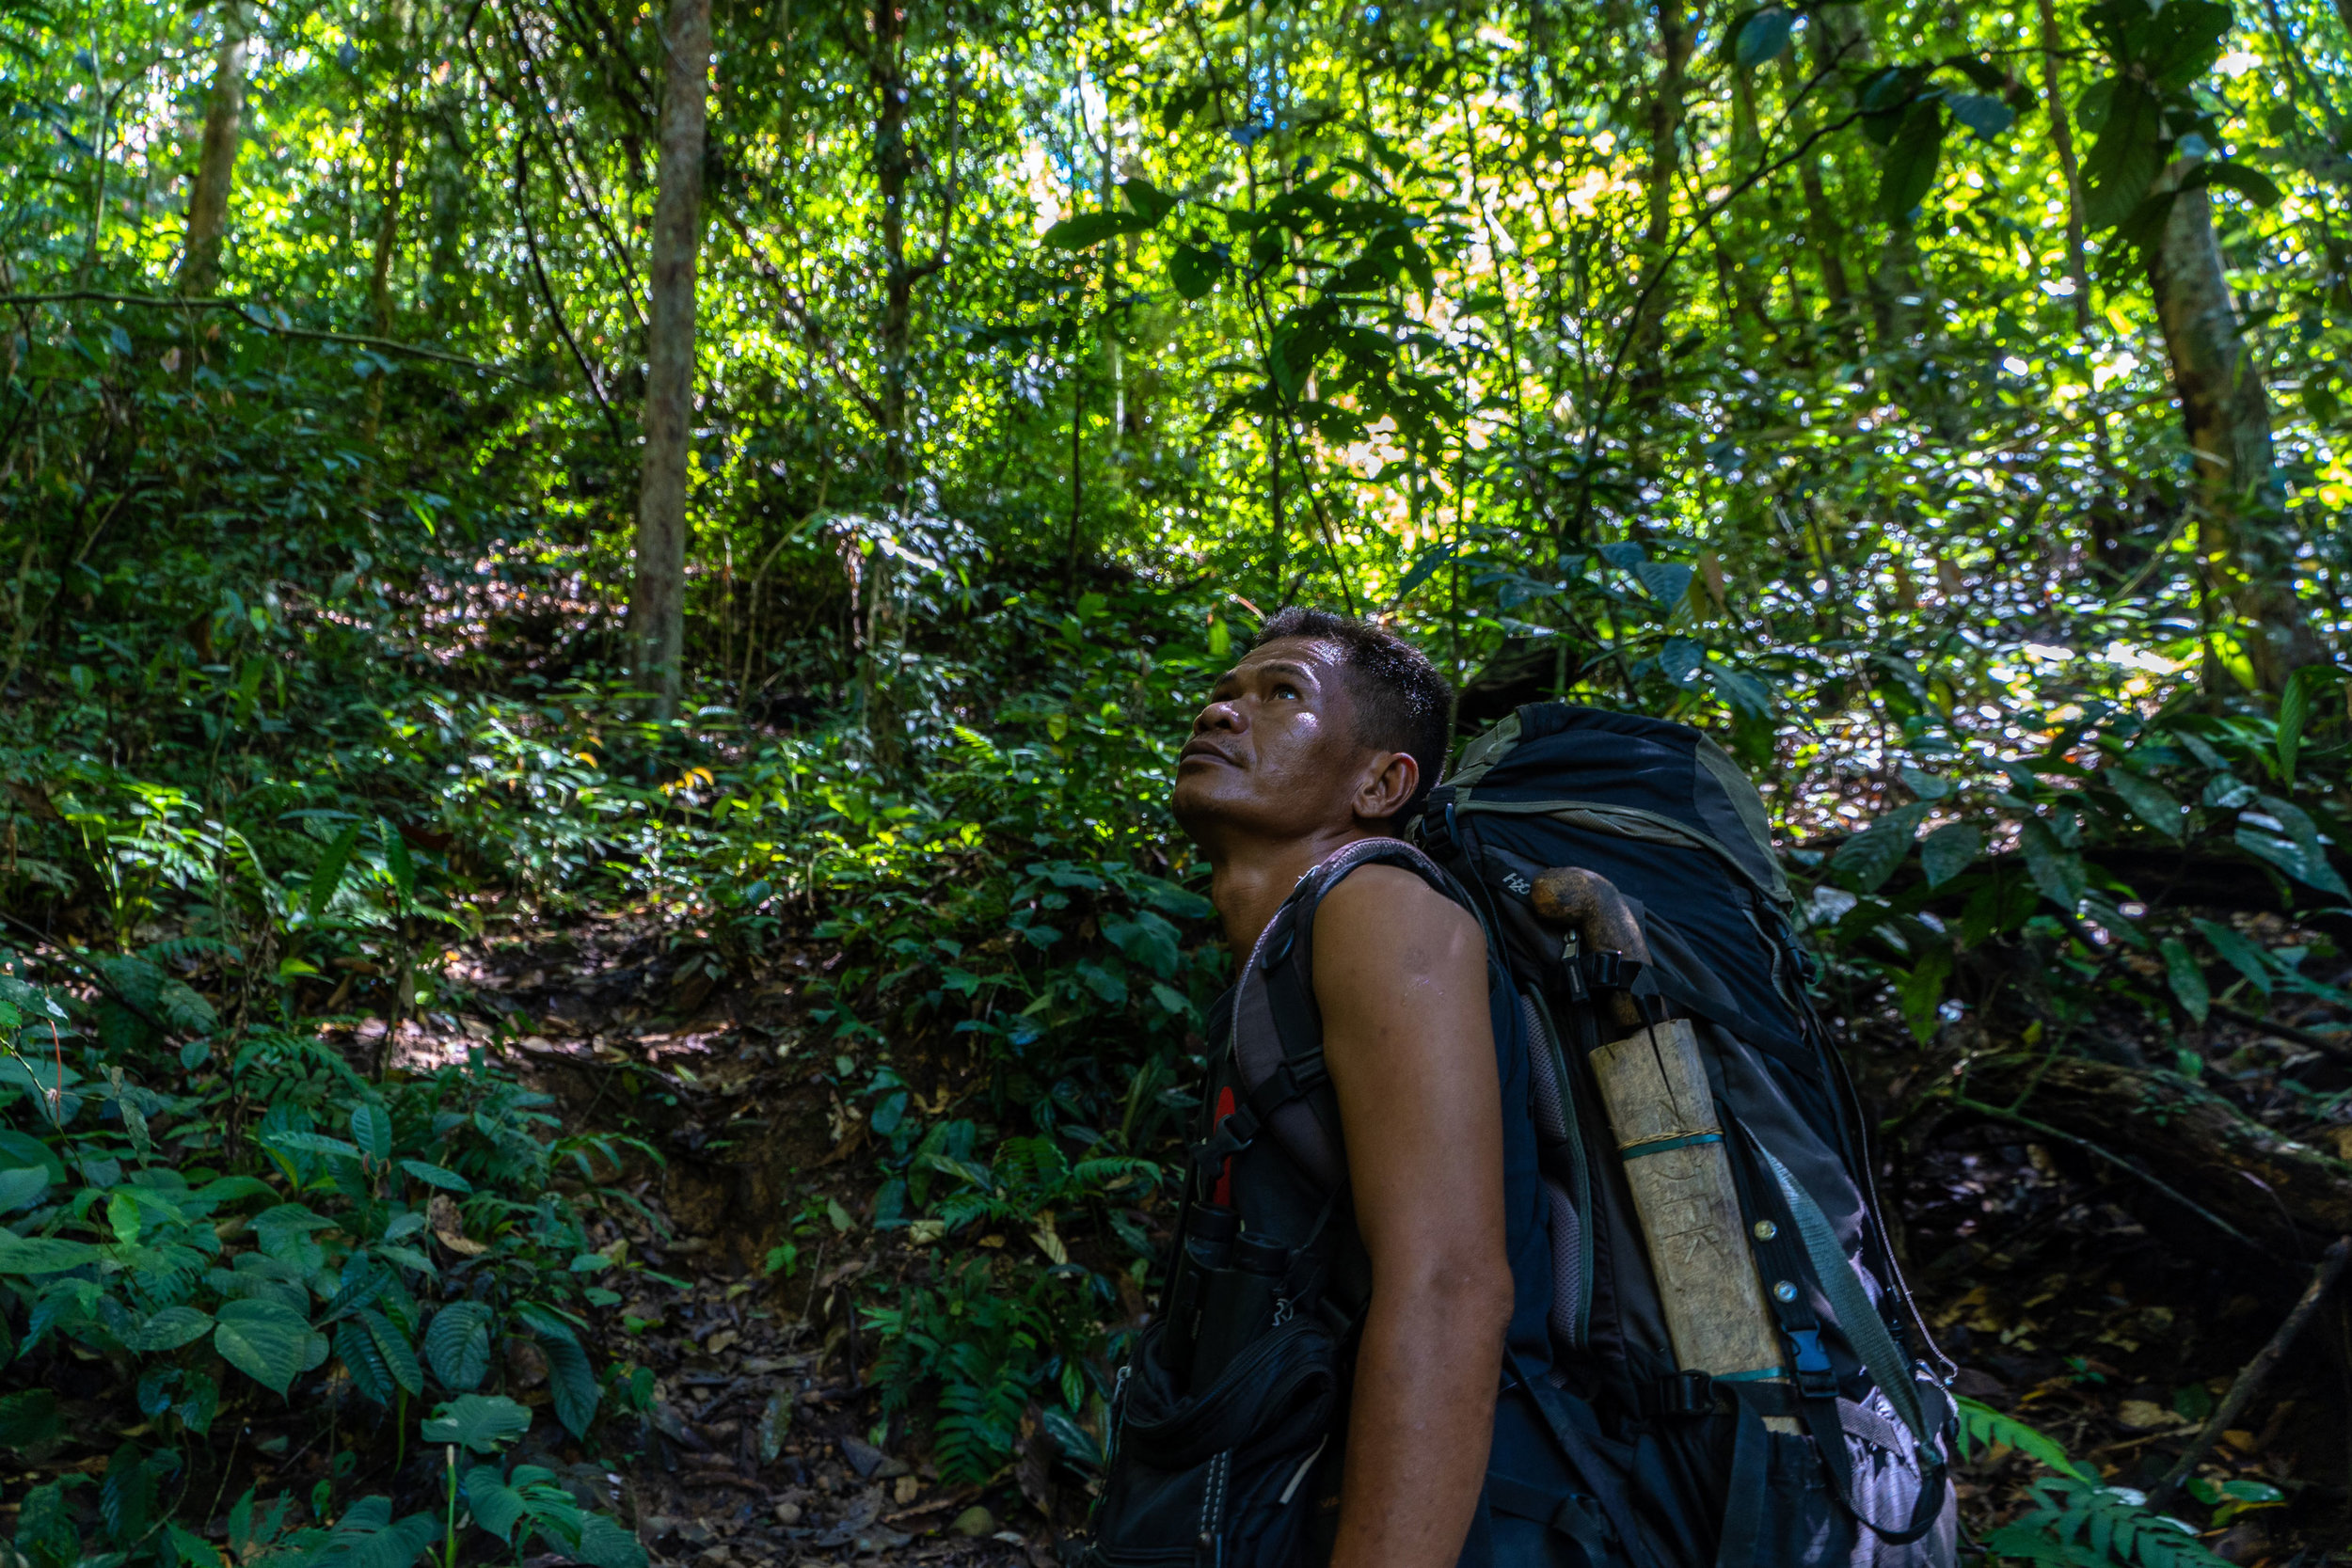 jhon-kanedi-sumatra-ketambe-indonesia-trekking-guide-inertia-network.jpg